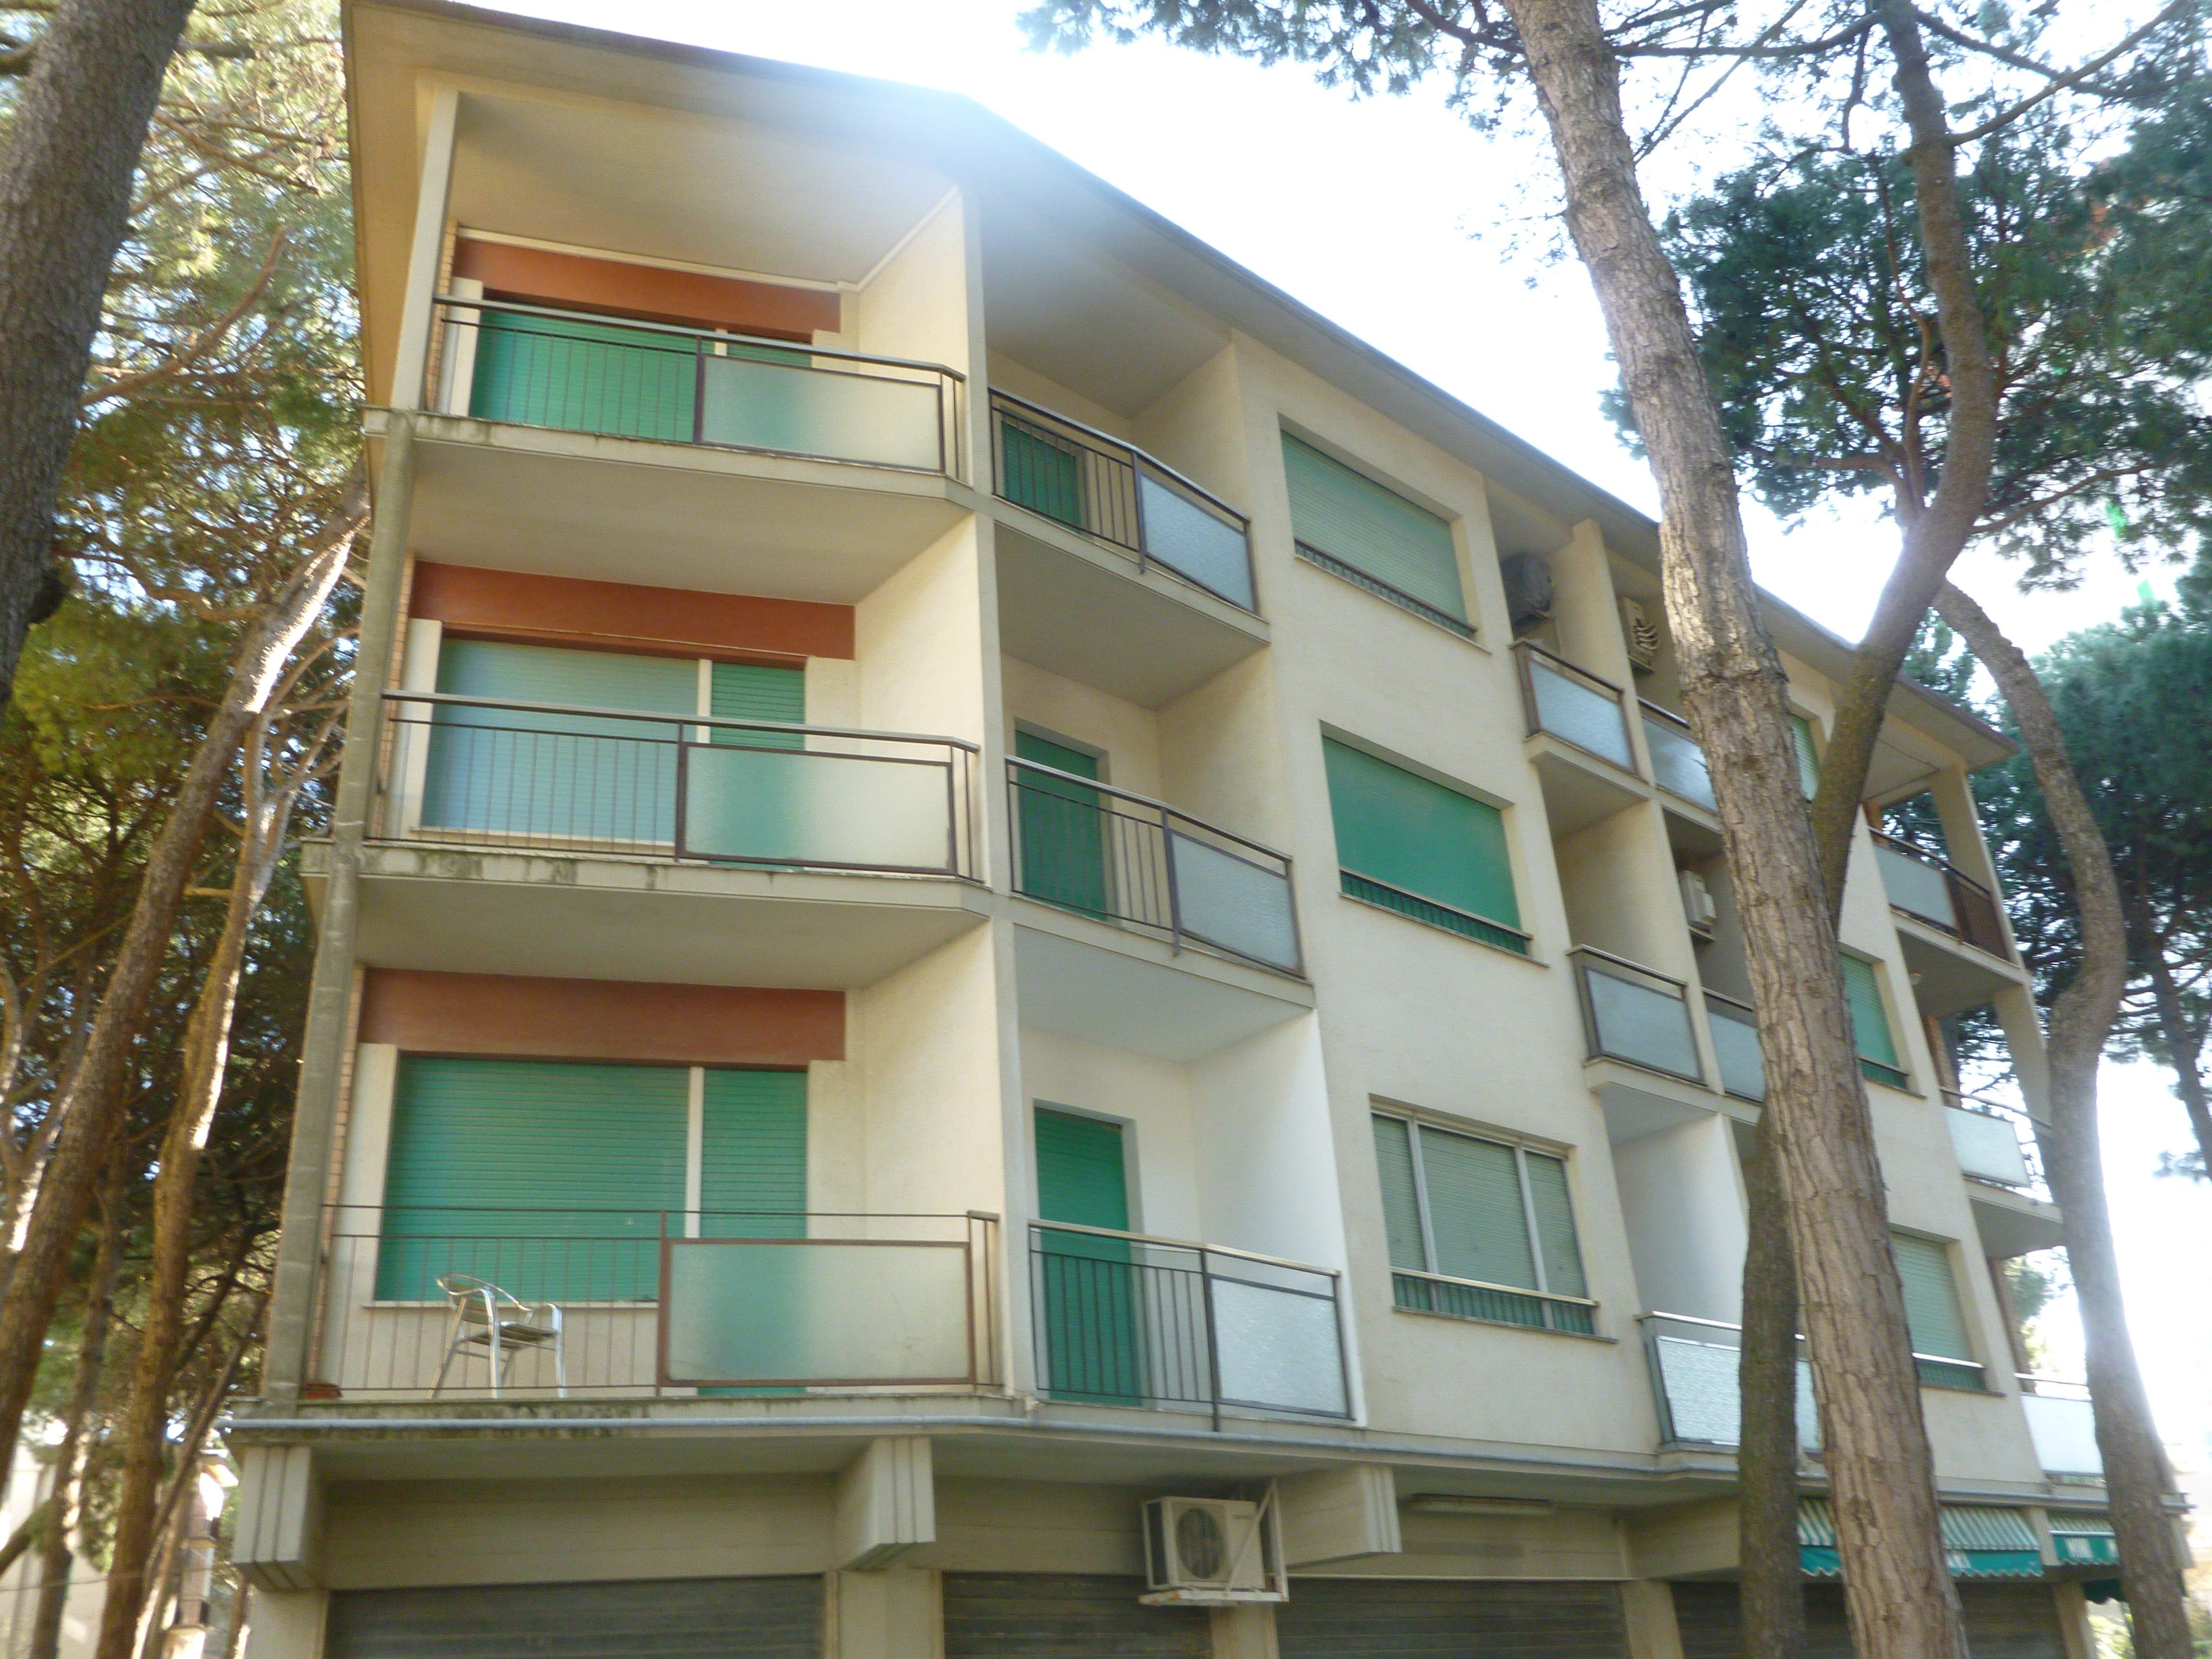 Vendesi appartamento condominio europa 4 agenzia for Vendesi appartamento